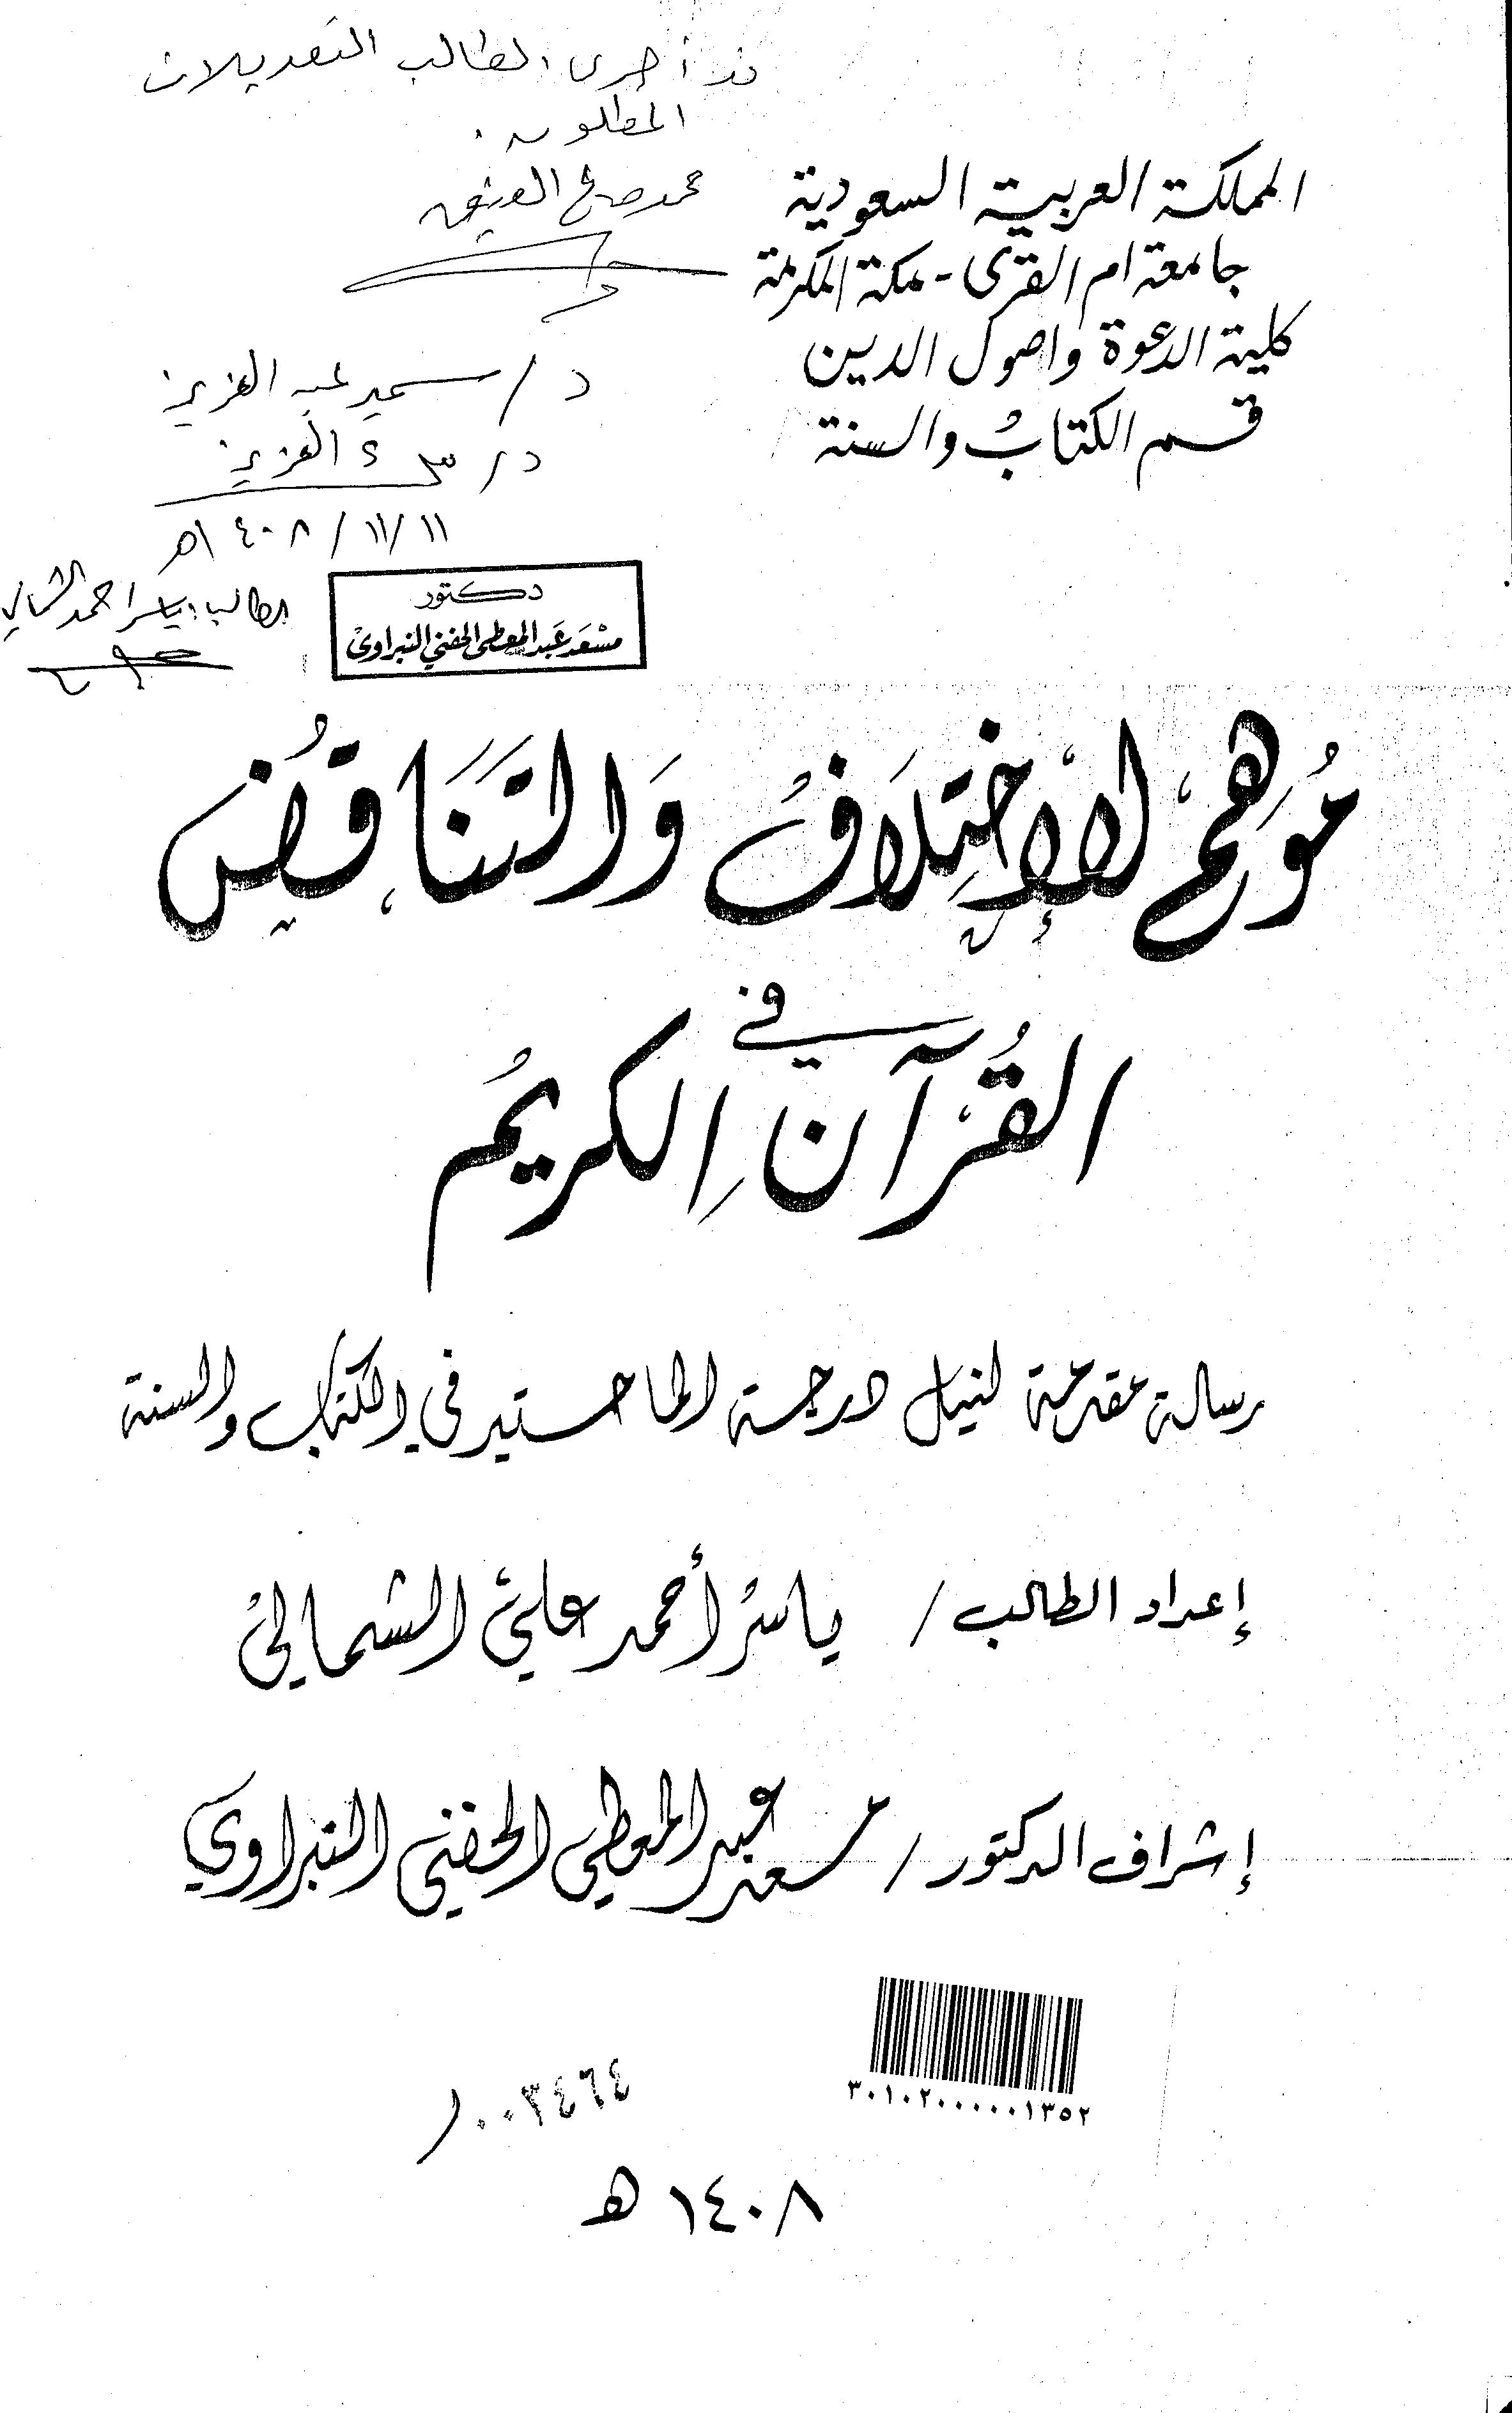 تحميل كتاب موهم الاختلاف والتناقض في القرآن الكريم لـِ: الدكتور ياسر أحمد علي الشمالي